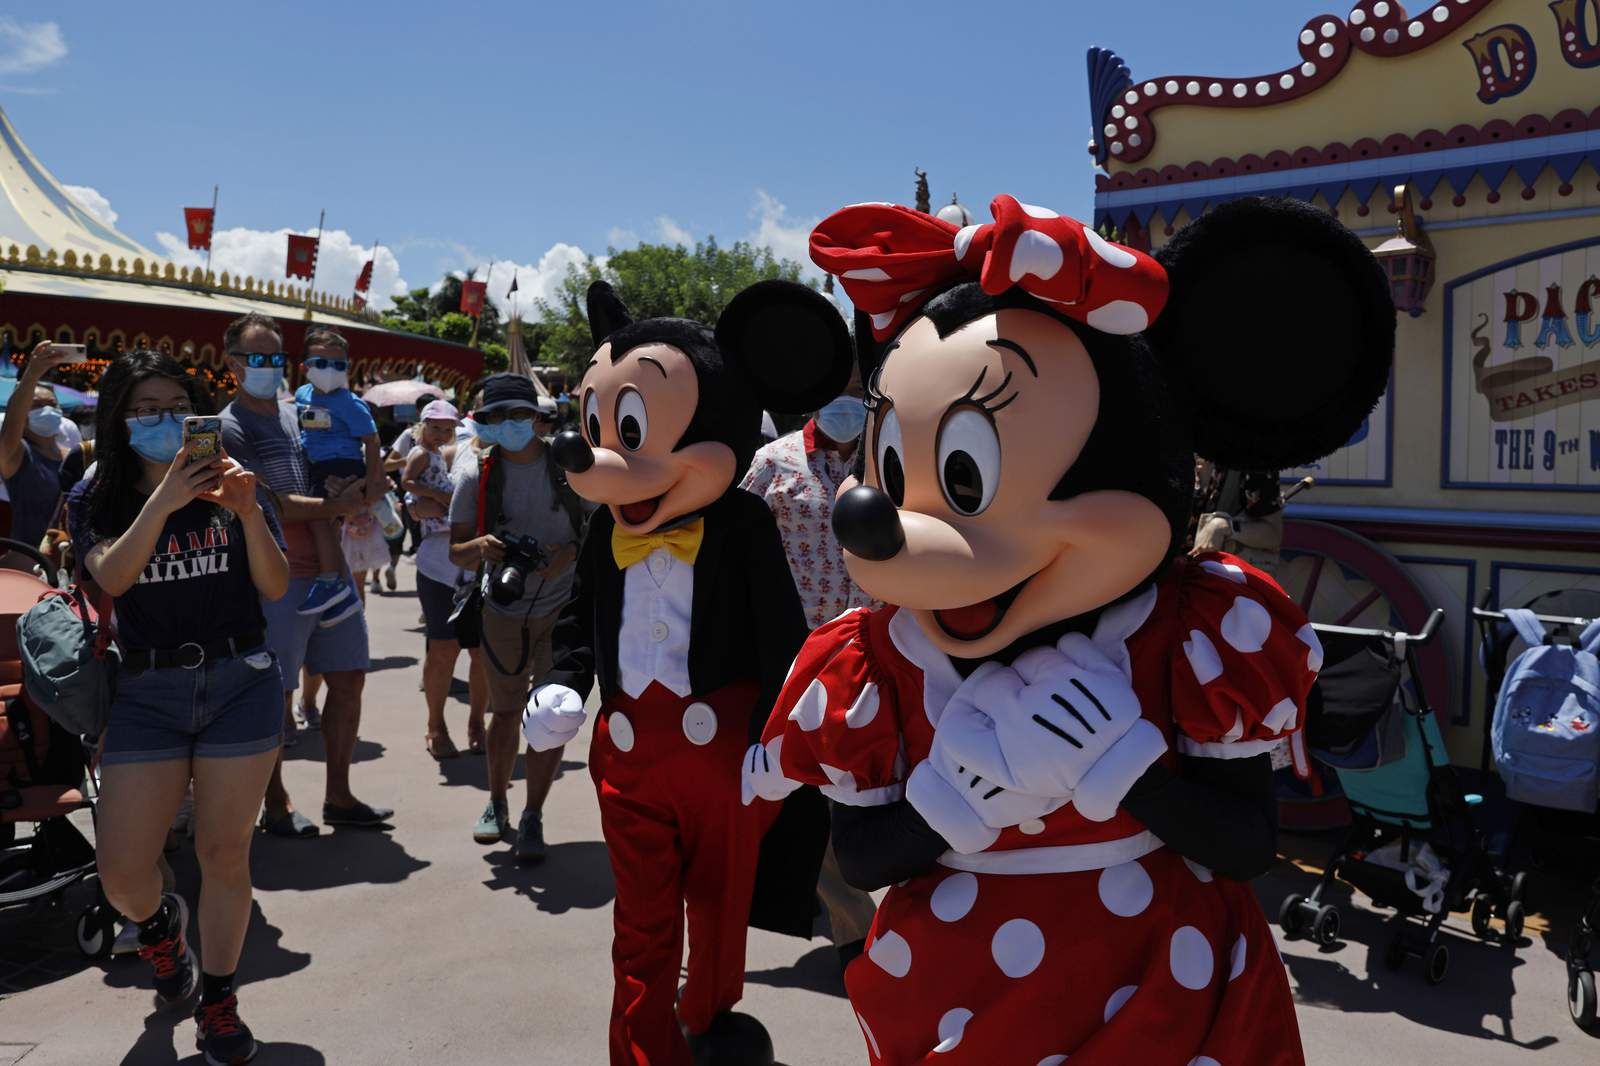 Hong Kong Disneyland Closes Again After New Coronavirus Outbreak